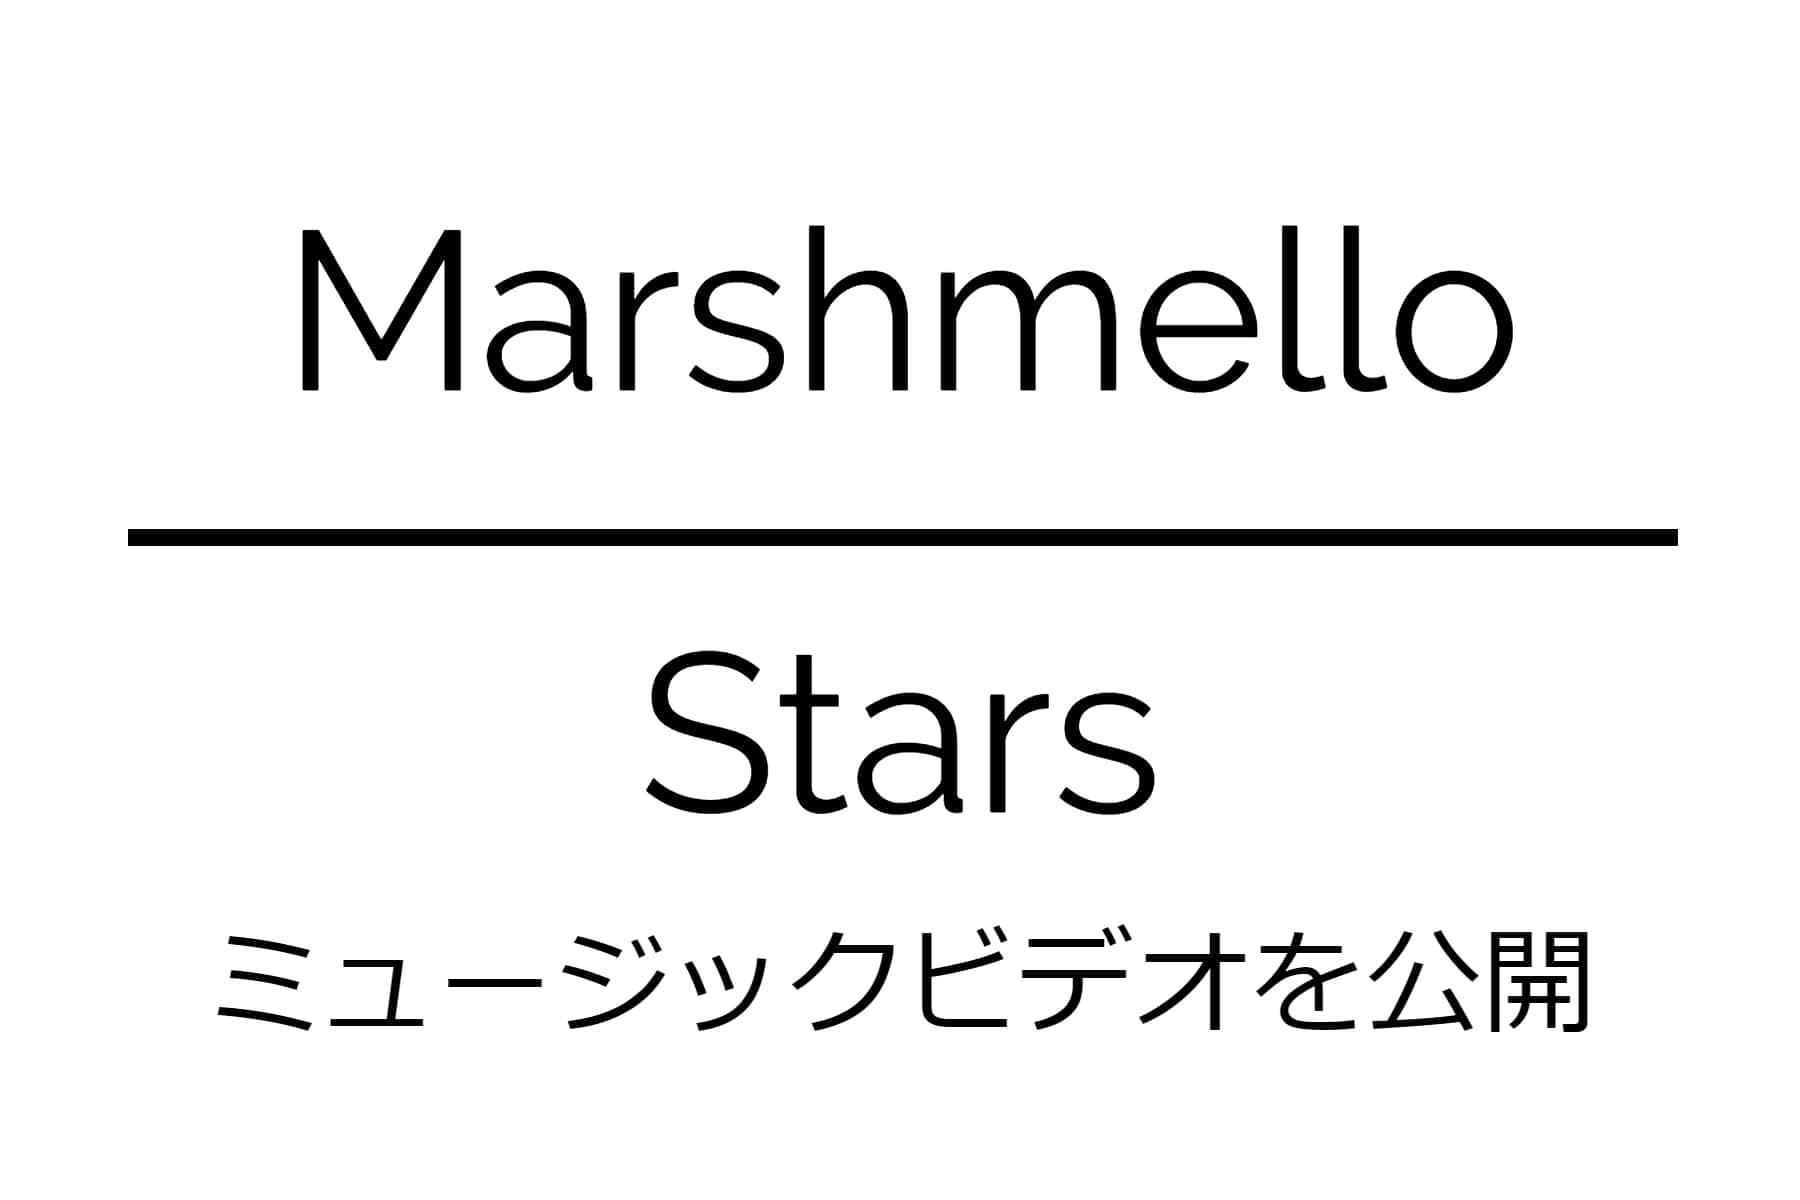 マシュメロの新曲「Stars」のMV公開!!サッカー好きは見てて面白いかも